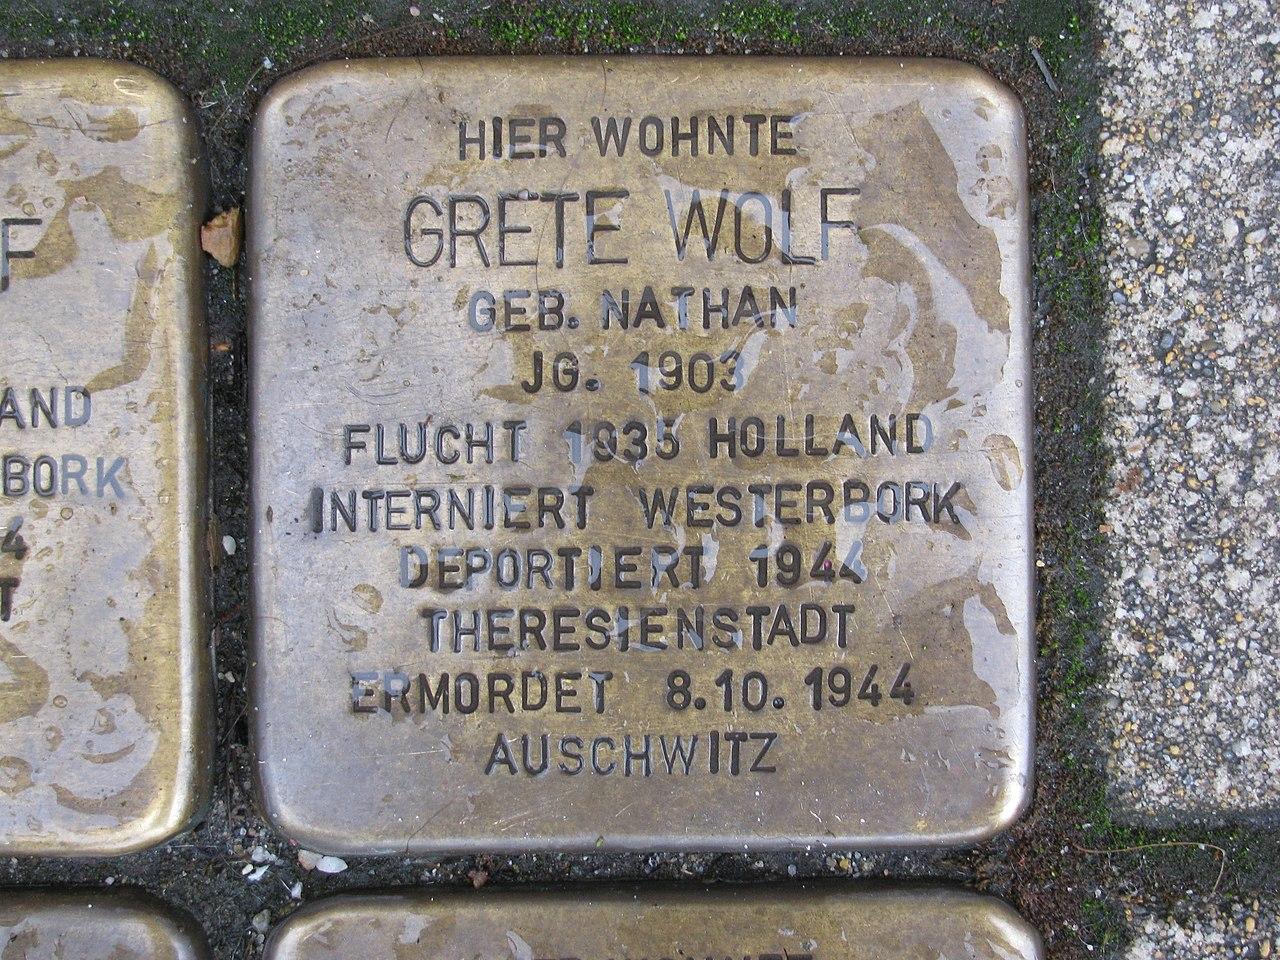 Stolperstein Grete Wolf, 1, Werner-Senger-Straße 19, Limburg an der Lahn, Landkreis Limburg-Weilburg.jpg